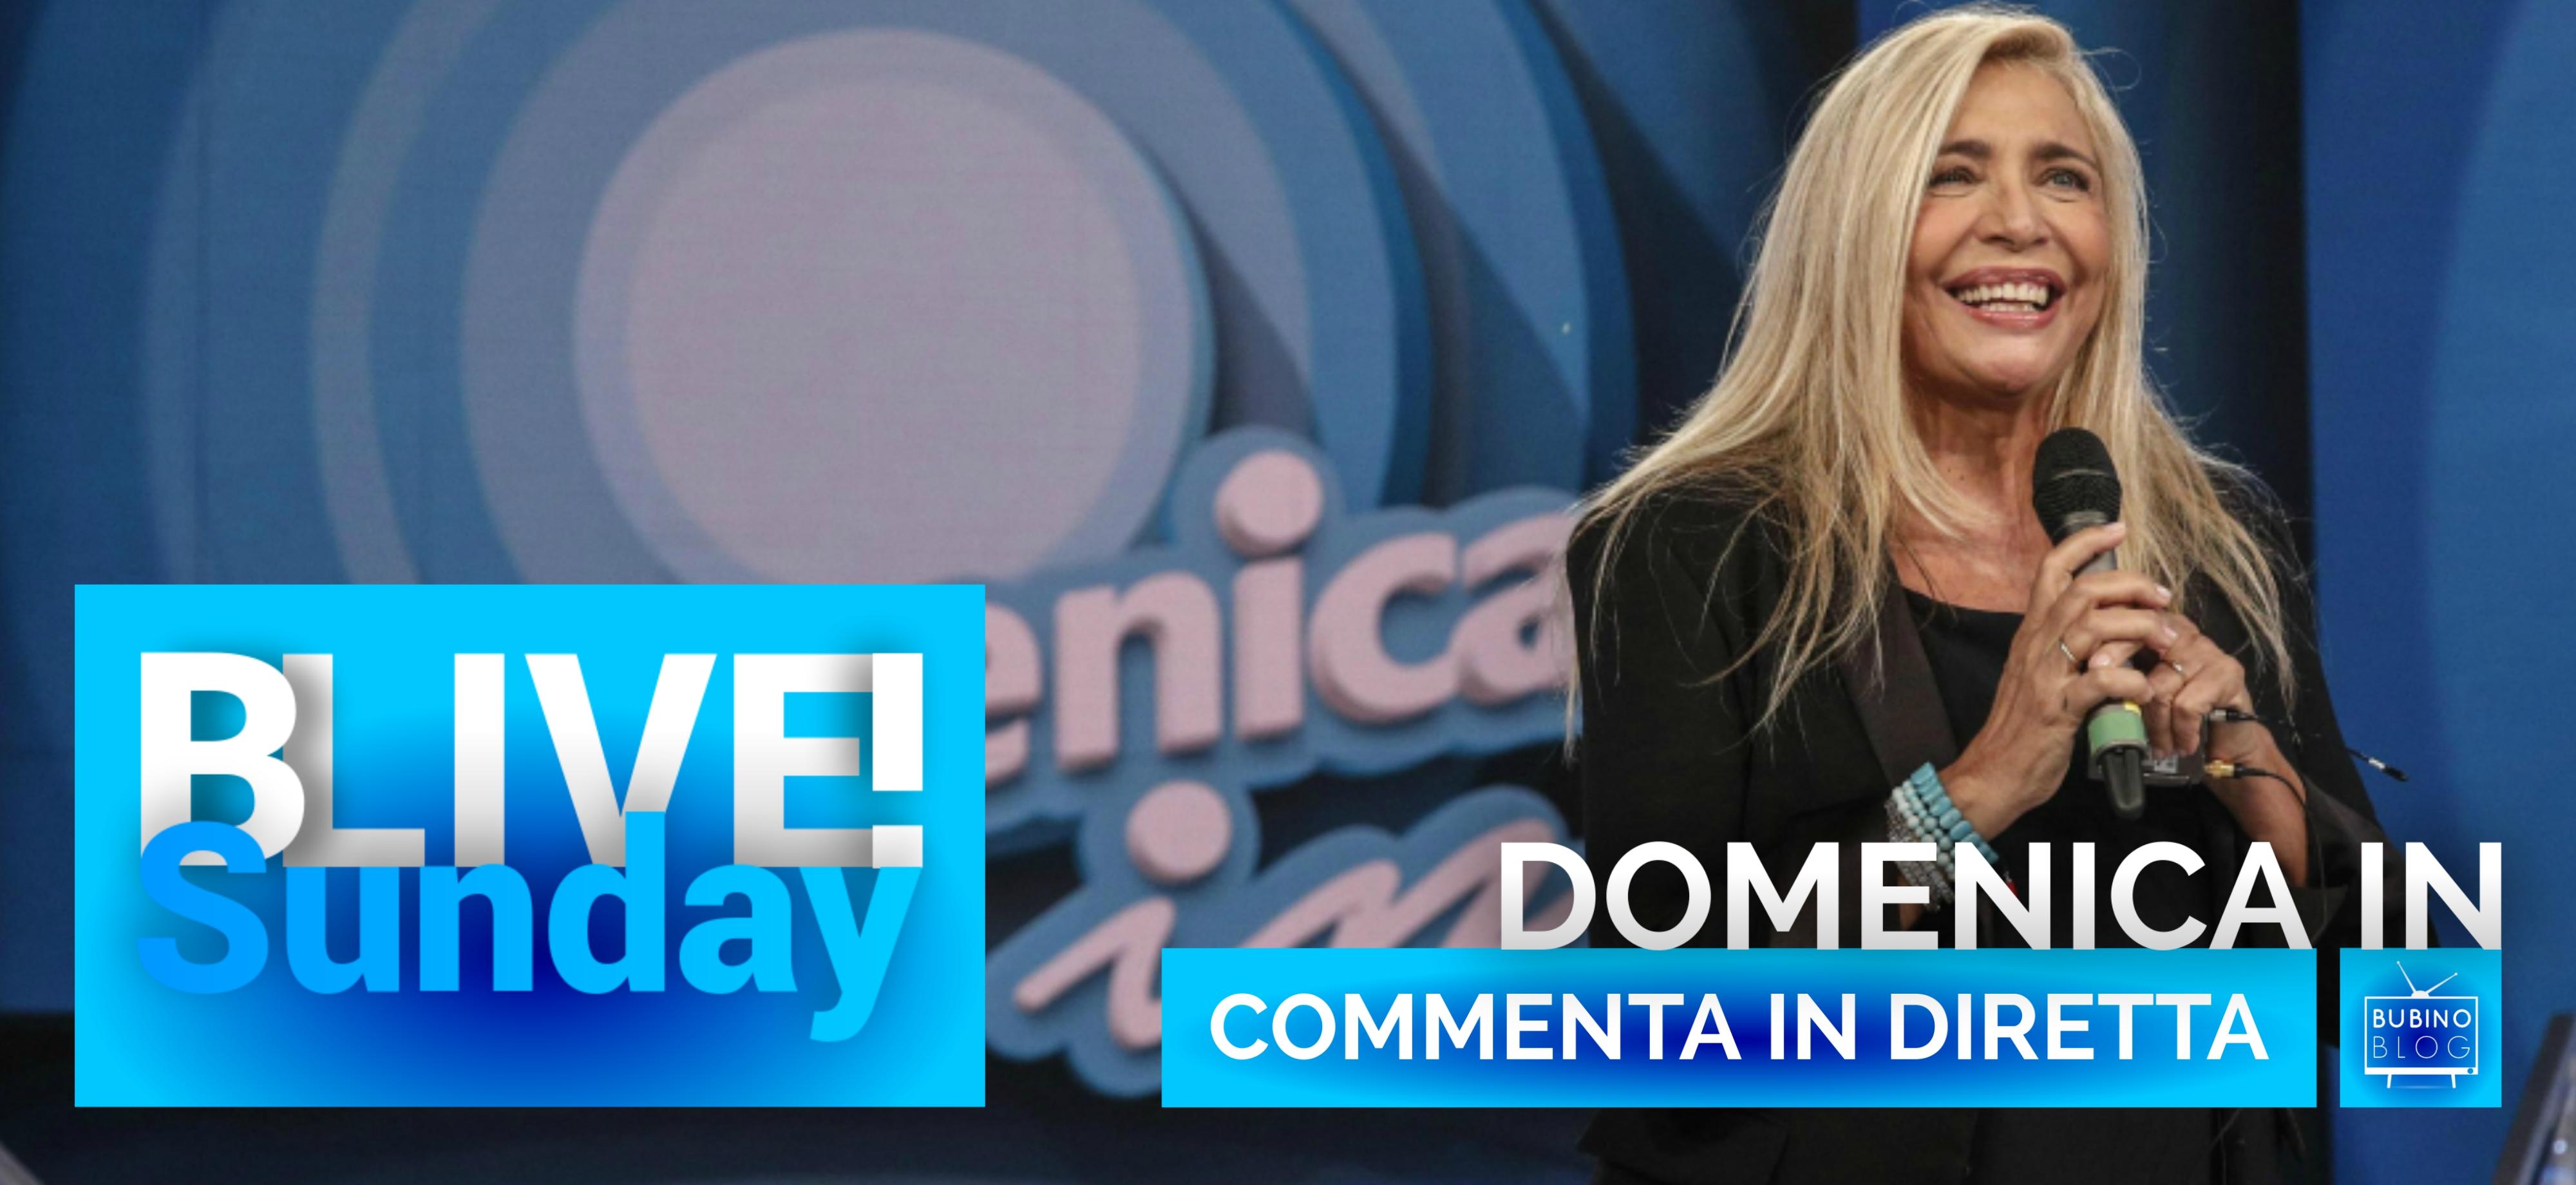 BLIVESUNDAY 7 APRILE 2019 DOMENICAIN | COMMENTA IN DIRETTA LA TRENTESIMA PUNTATA DI #DOMENICAIN, CON MARA VENIER SU RAIUNO